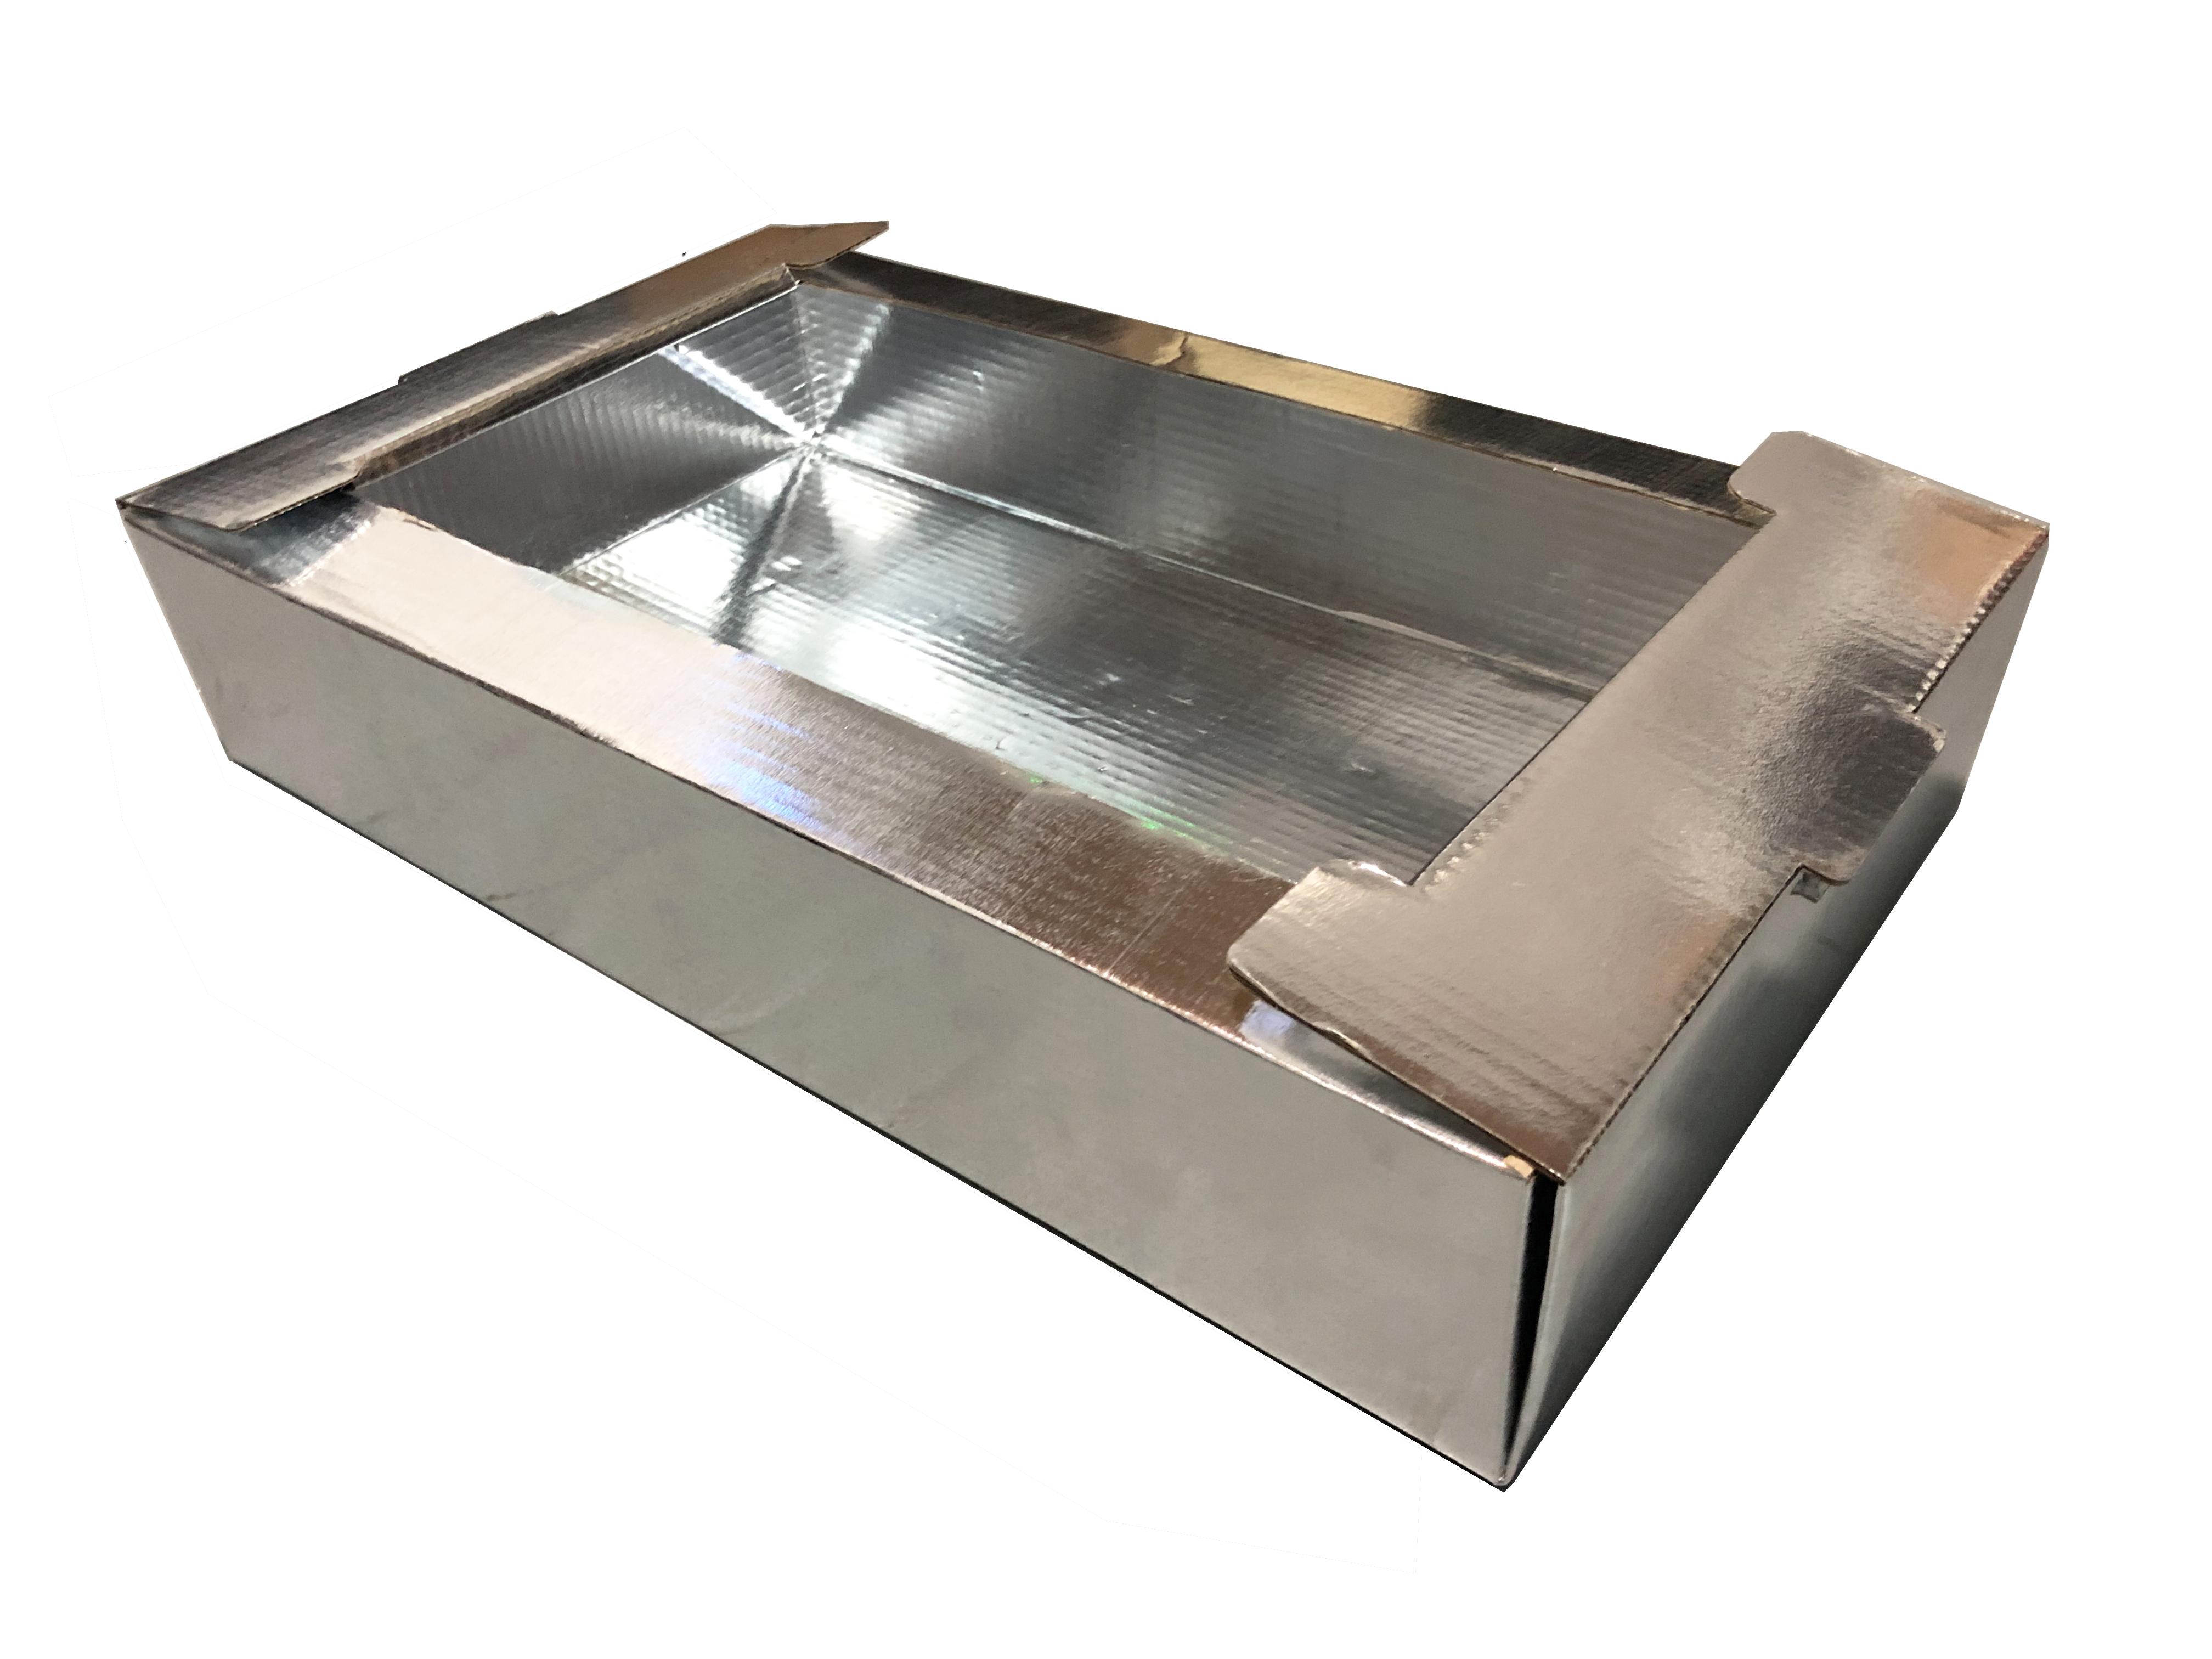 冰鲜保温纸箱(内含视频)